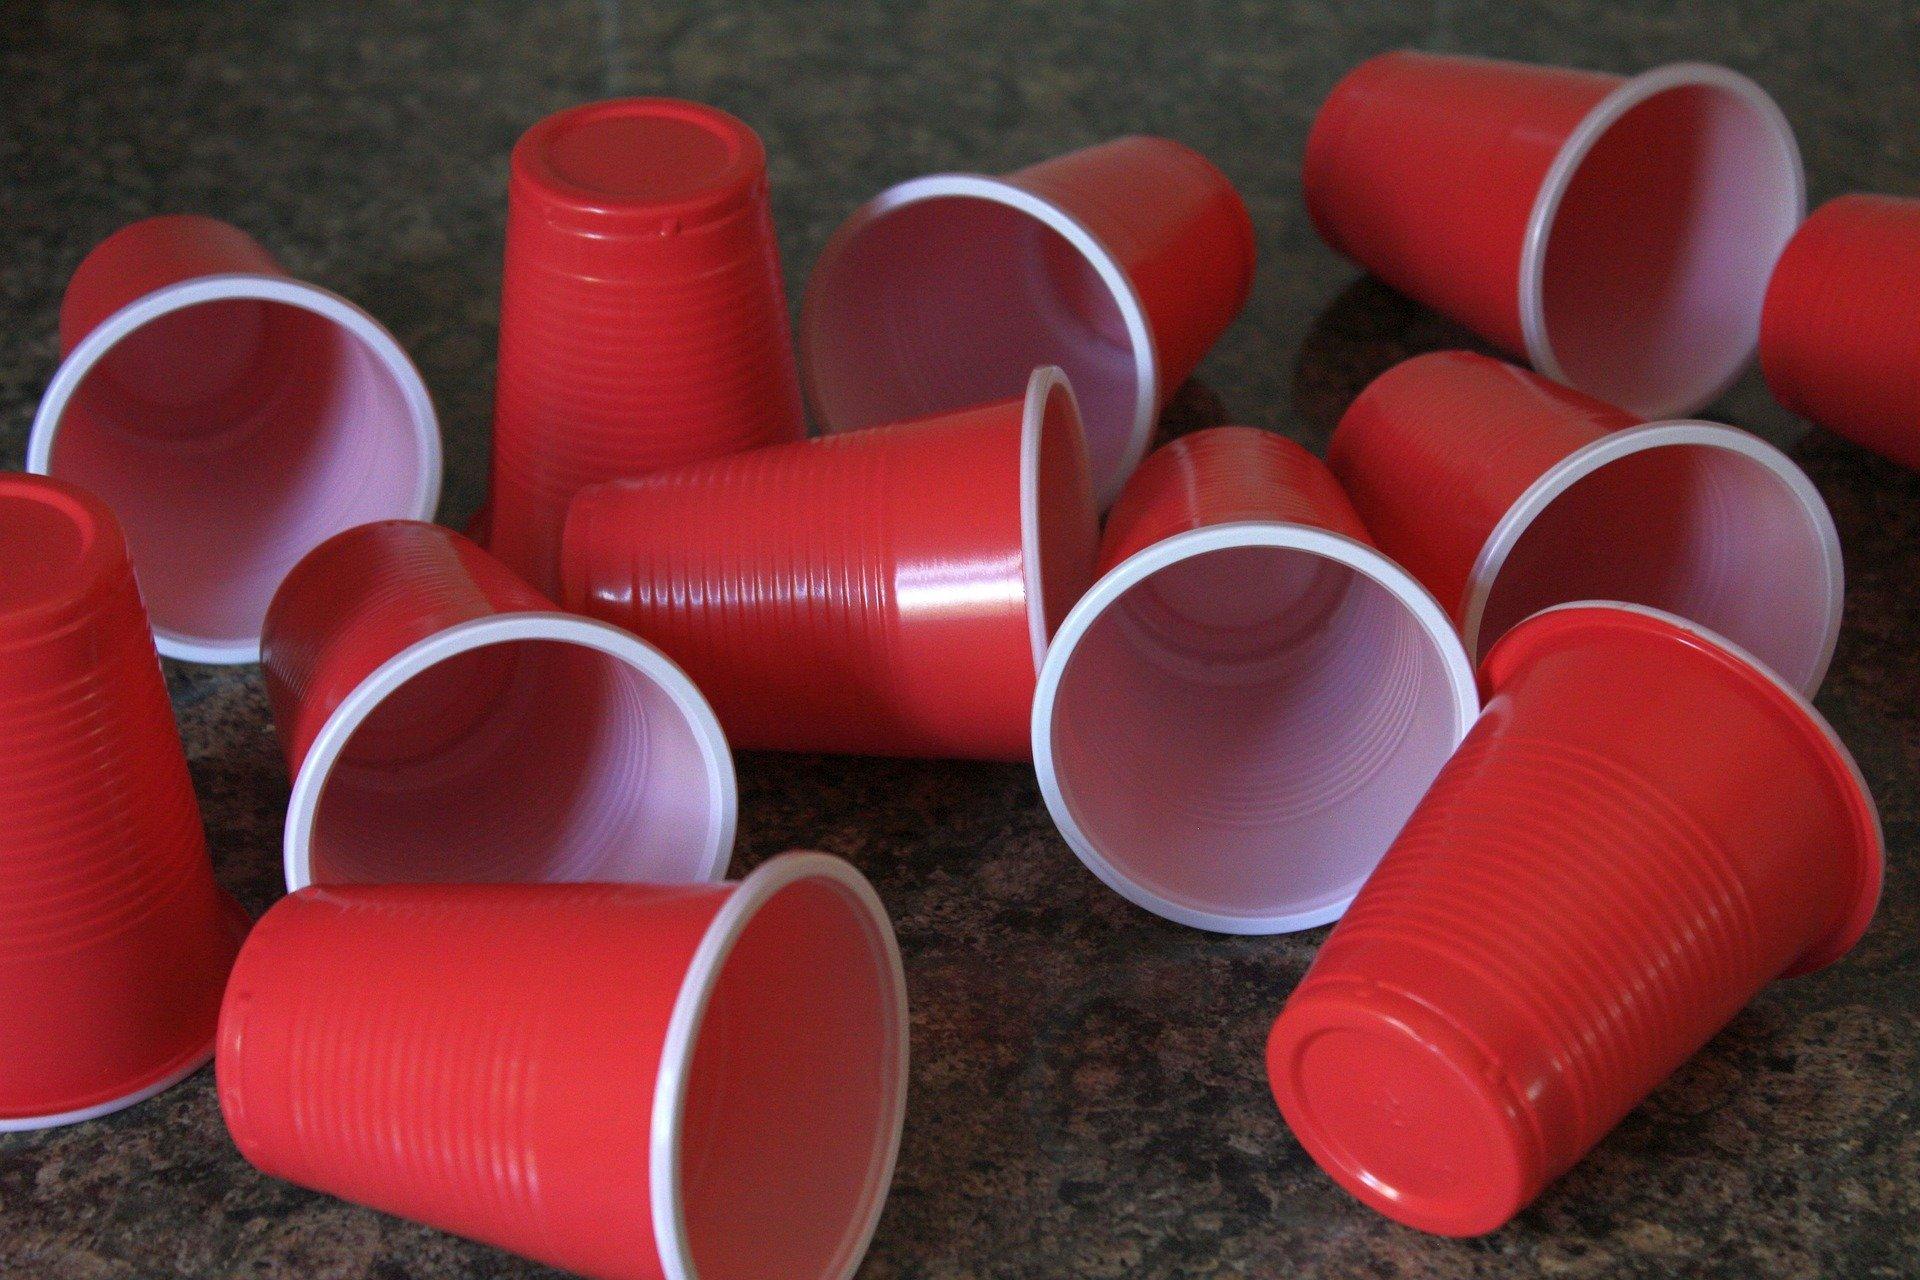 В ЕС официально запретили использовать одноразовую пластиковую посуду